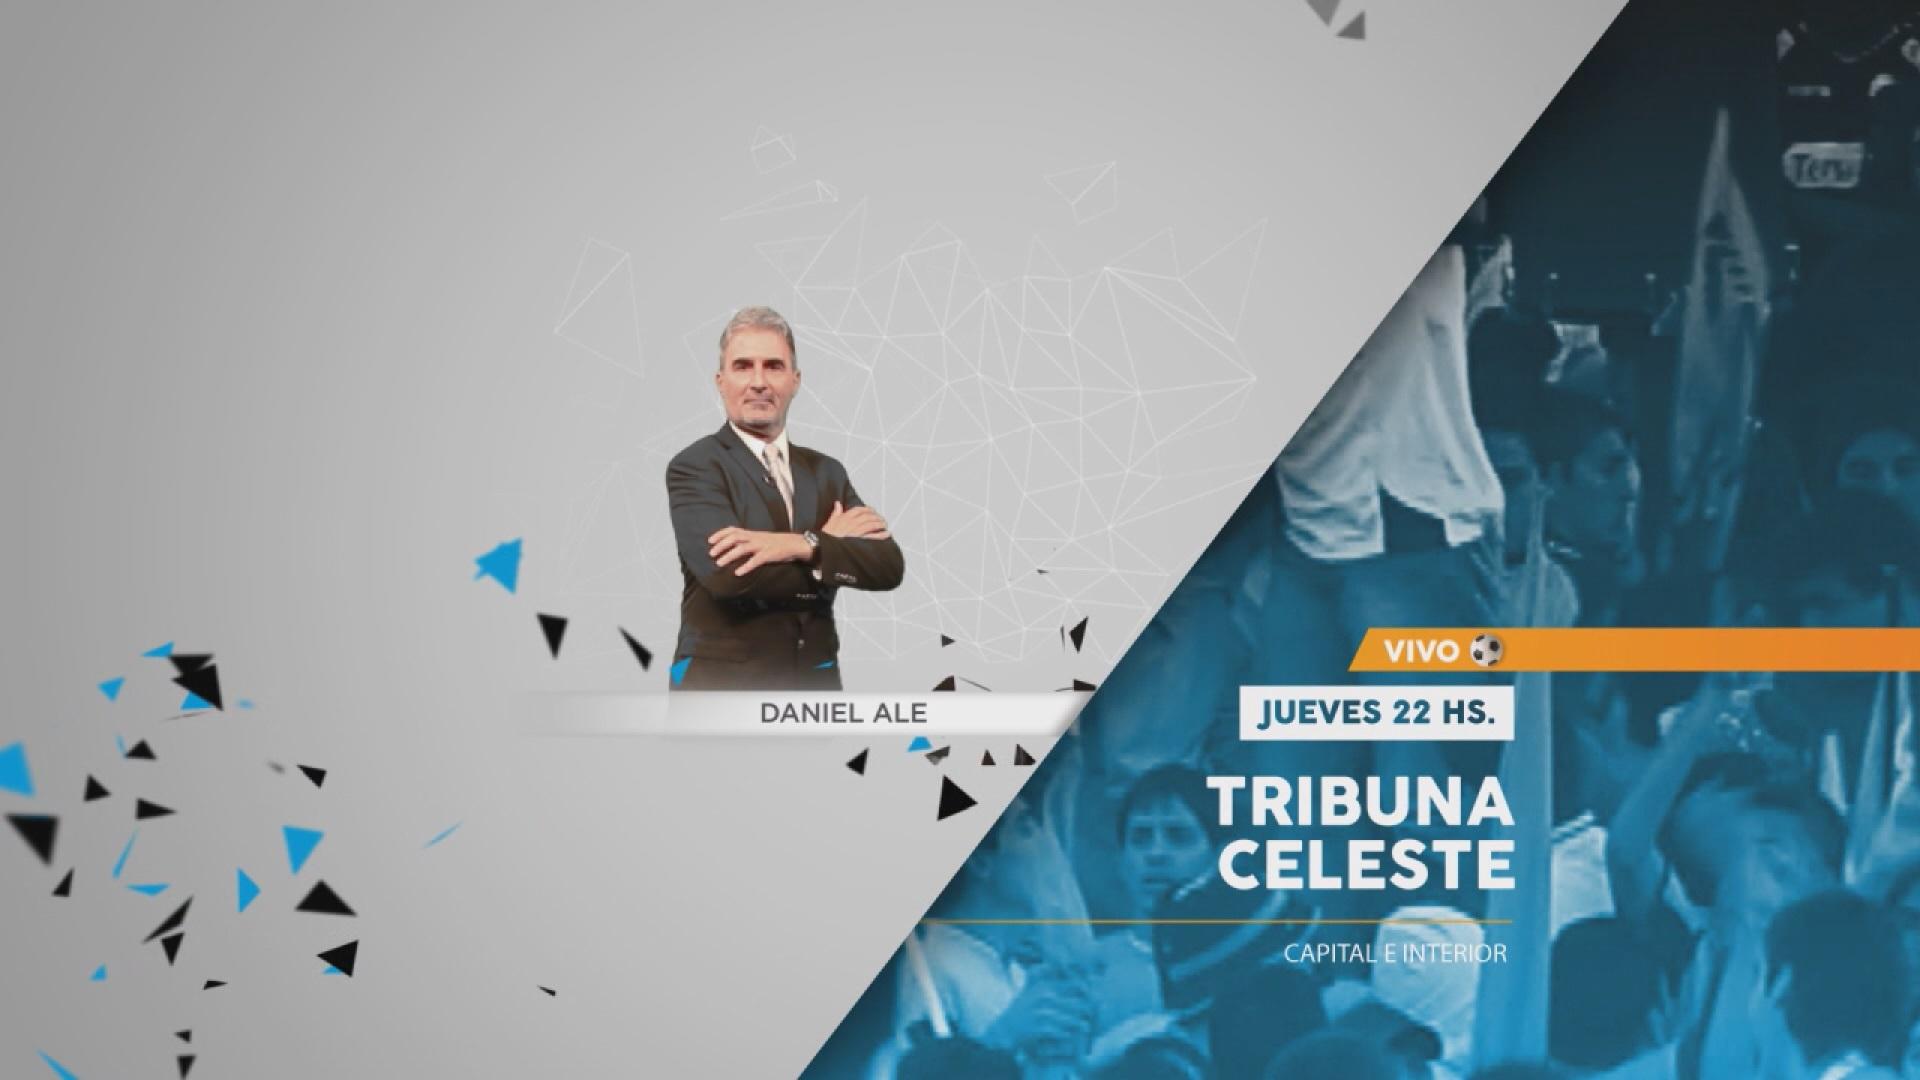 Tribuna Celeste: un clásico referente de los hinchas Belgrano | Canal Showsport